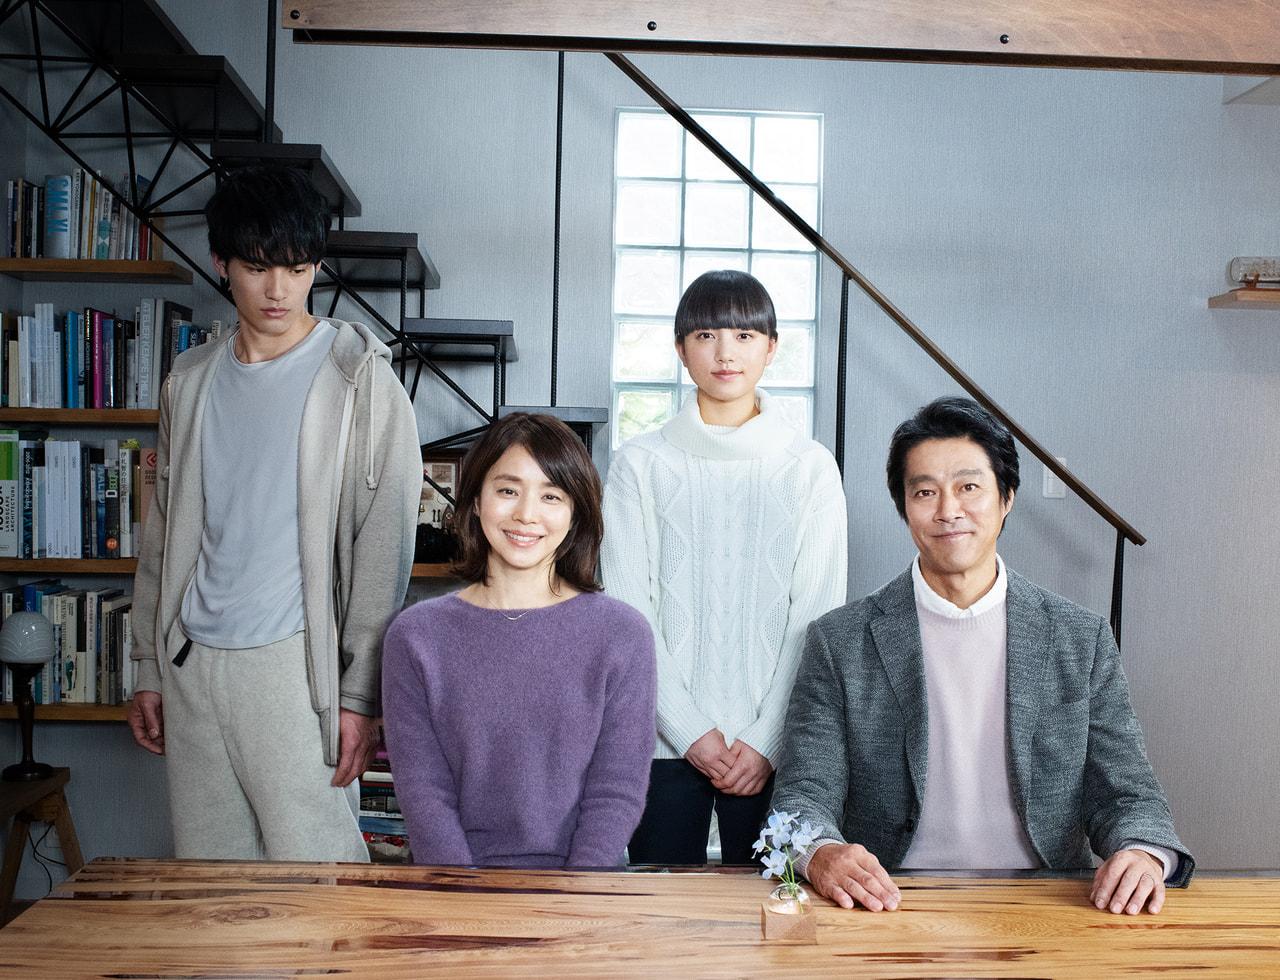 堤真一、石田ゆり子出演 映画『望み』予告映像とポスタービジュアルが到着!公開日&主題歌も解禁